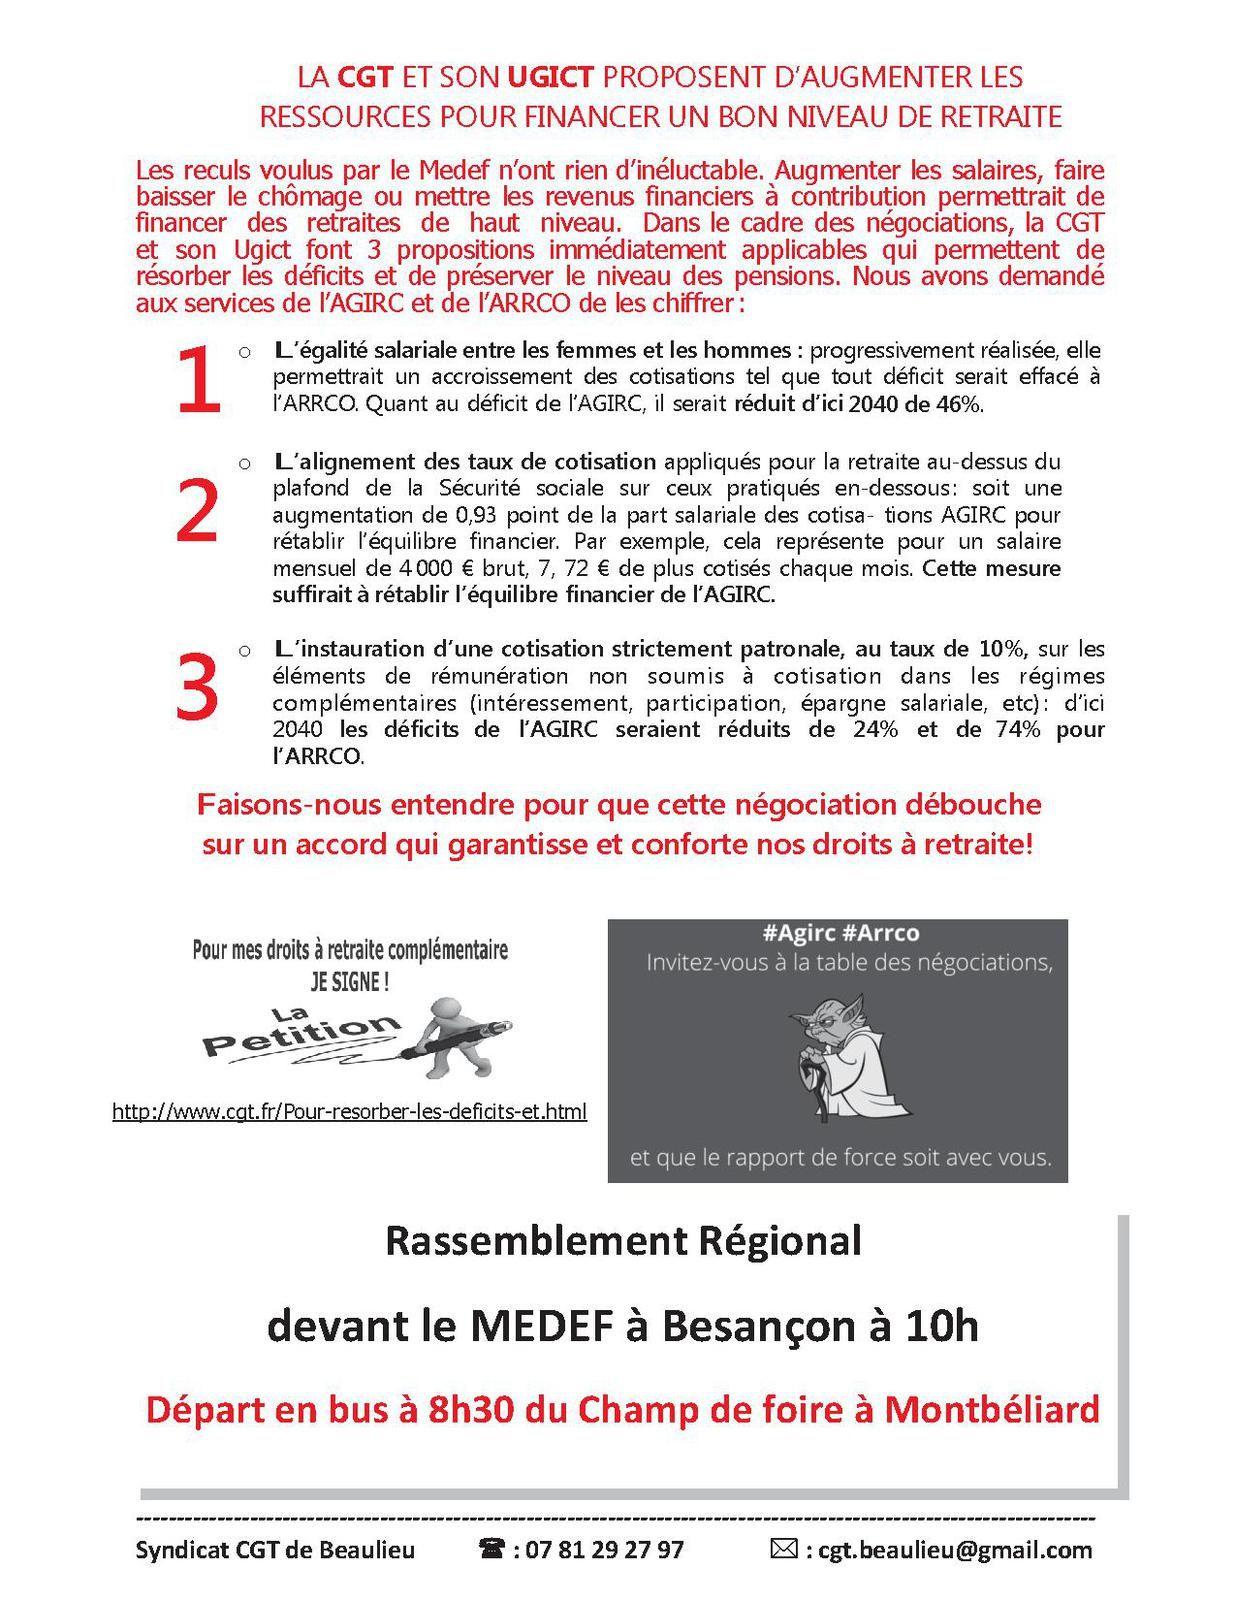 Le 16 octobre pour NOS retraites complémentaires 10h00 devant le MEDEF à Besançon